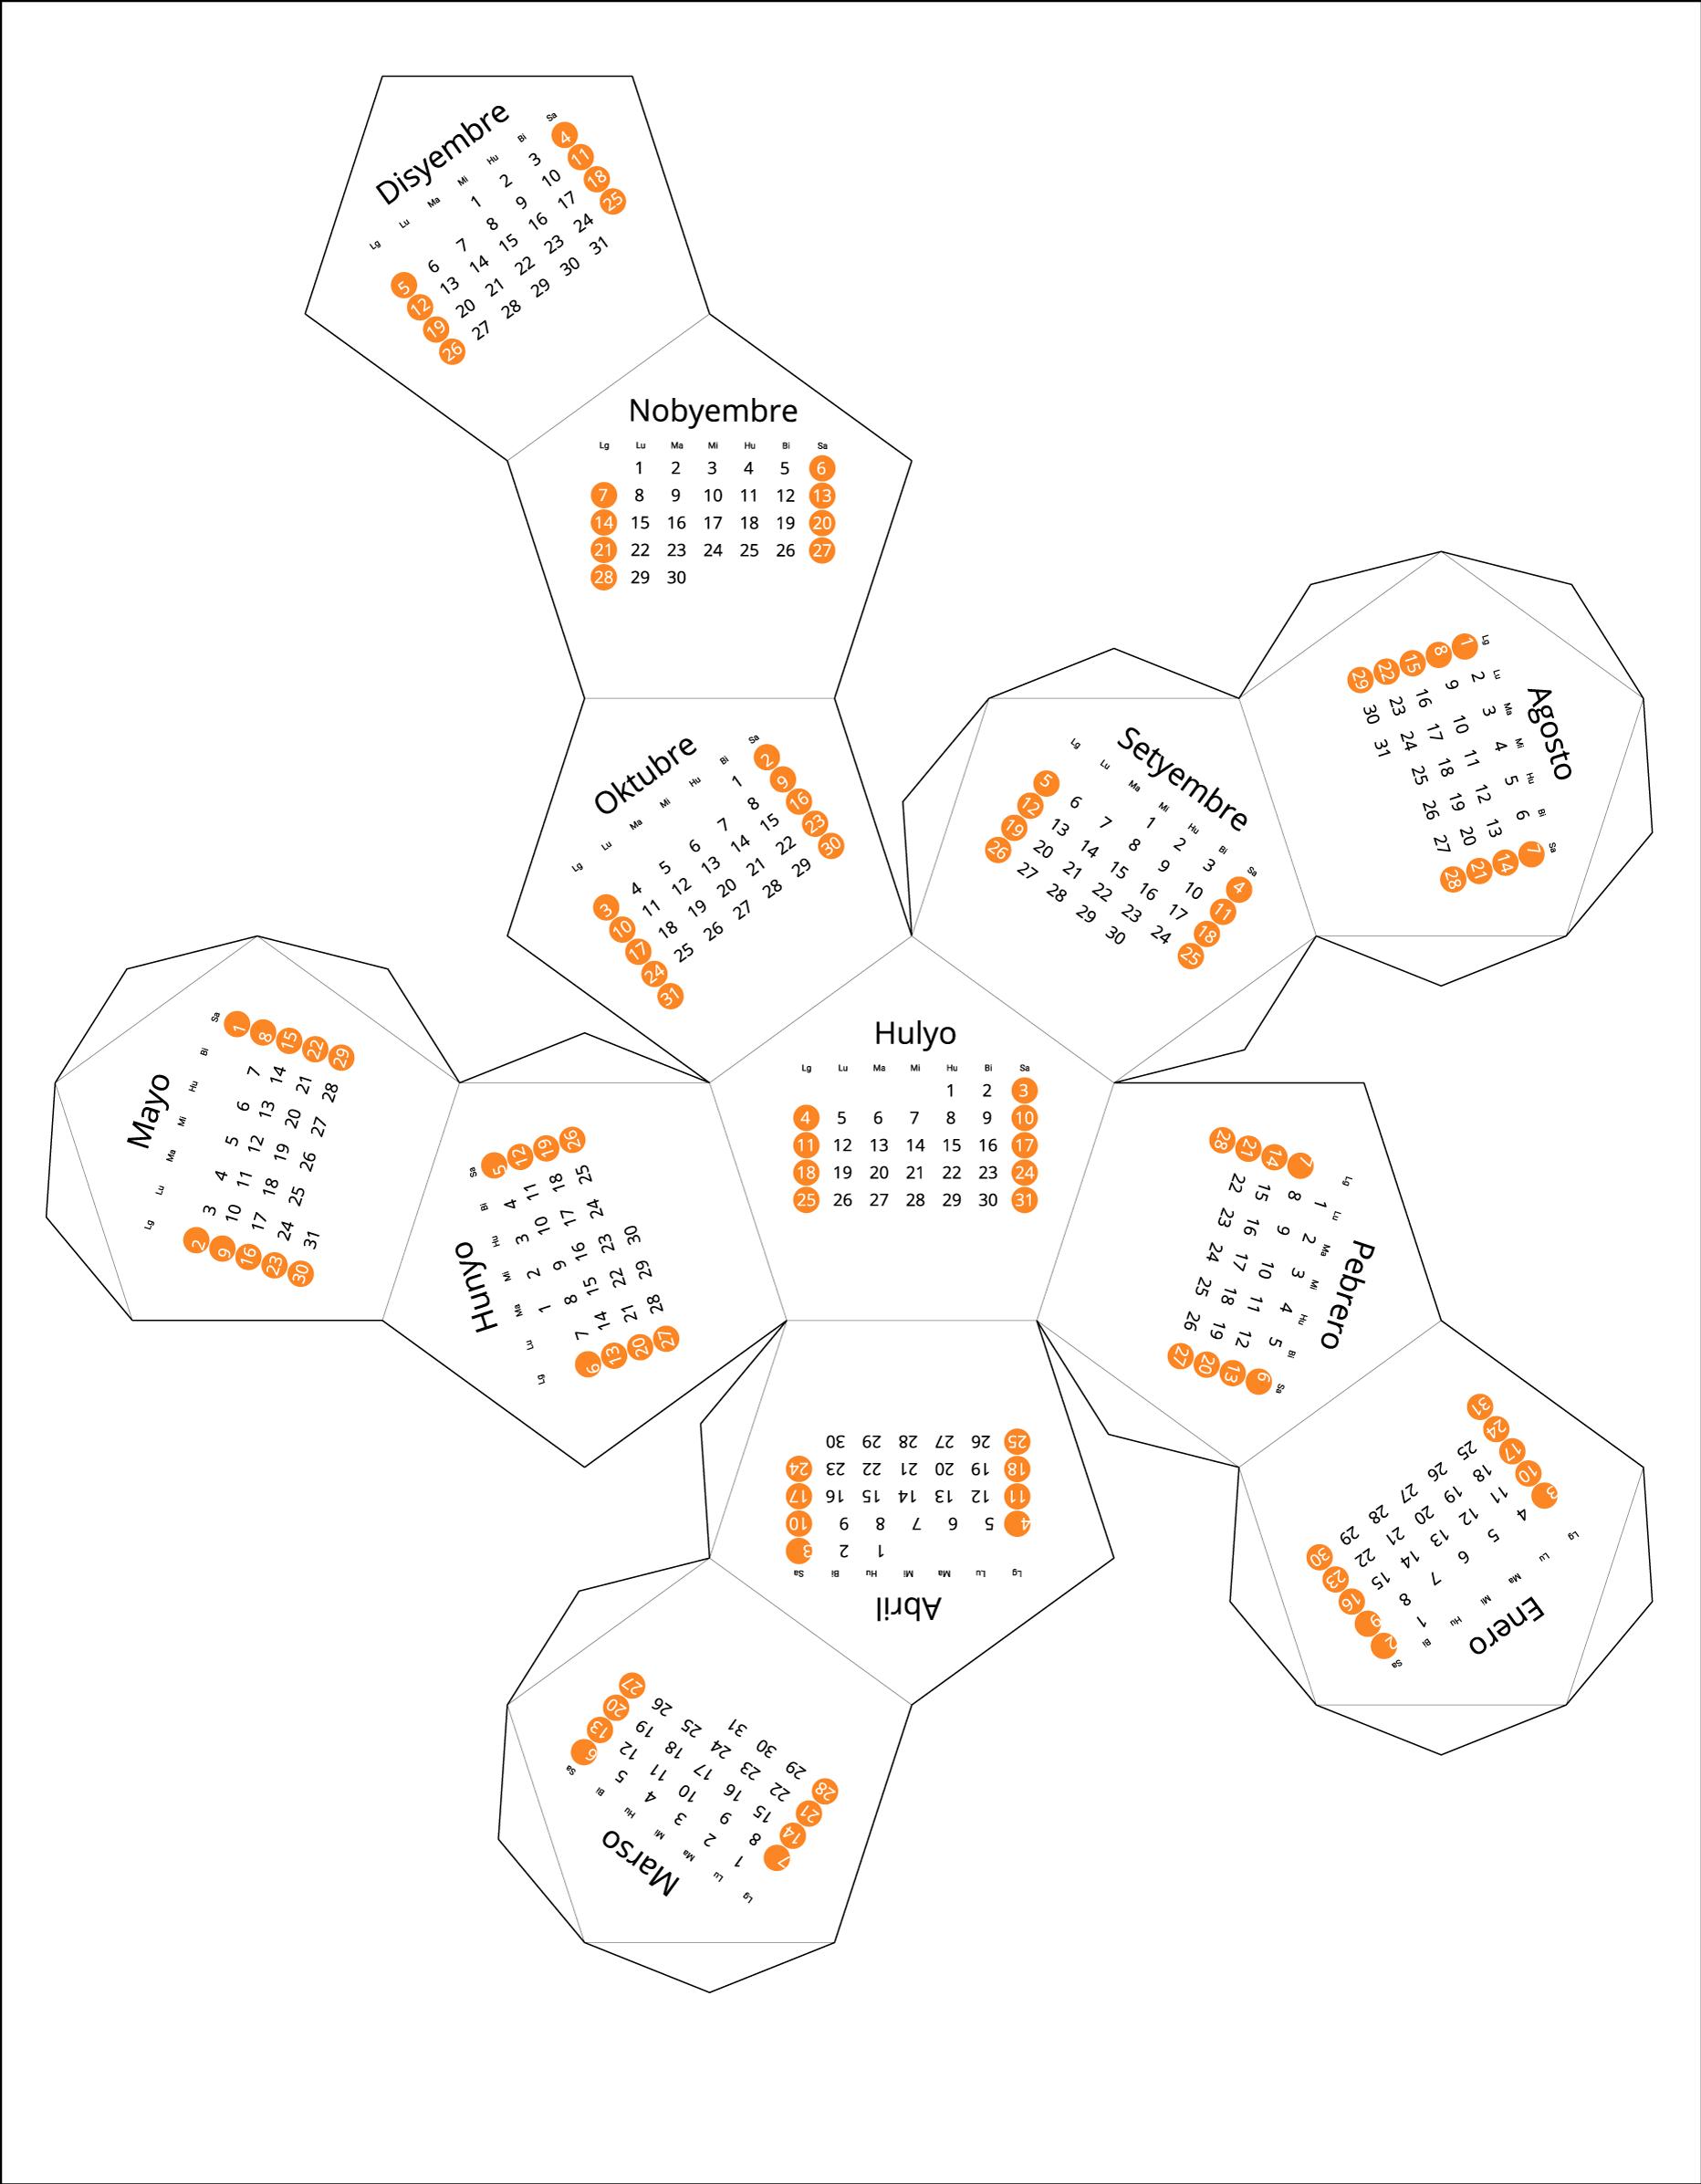 Philippines 2021 Calendar origami